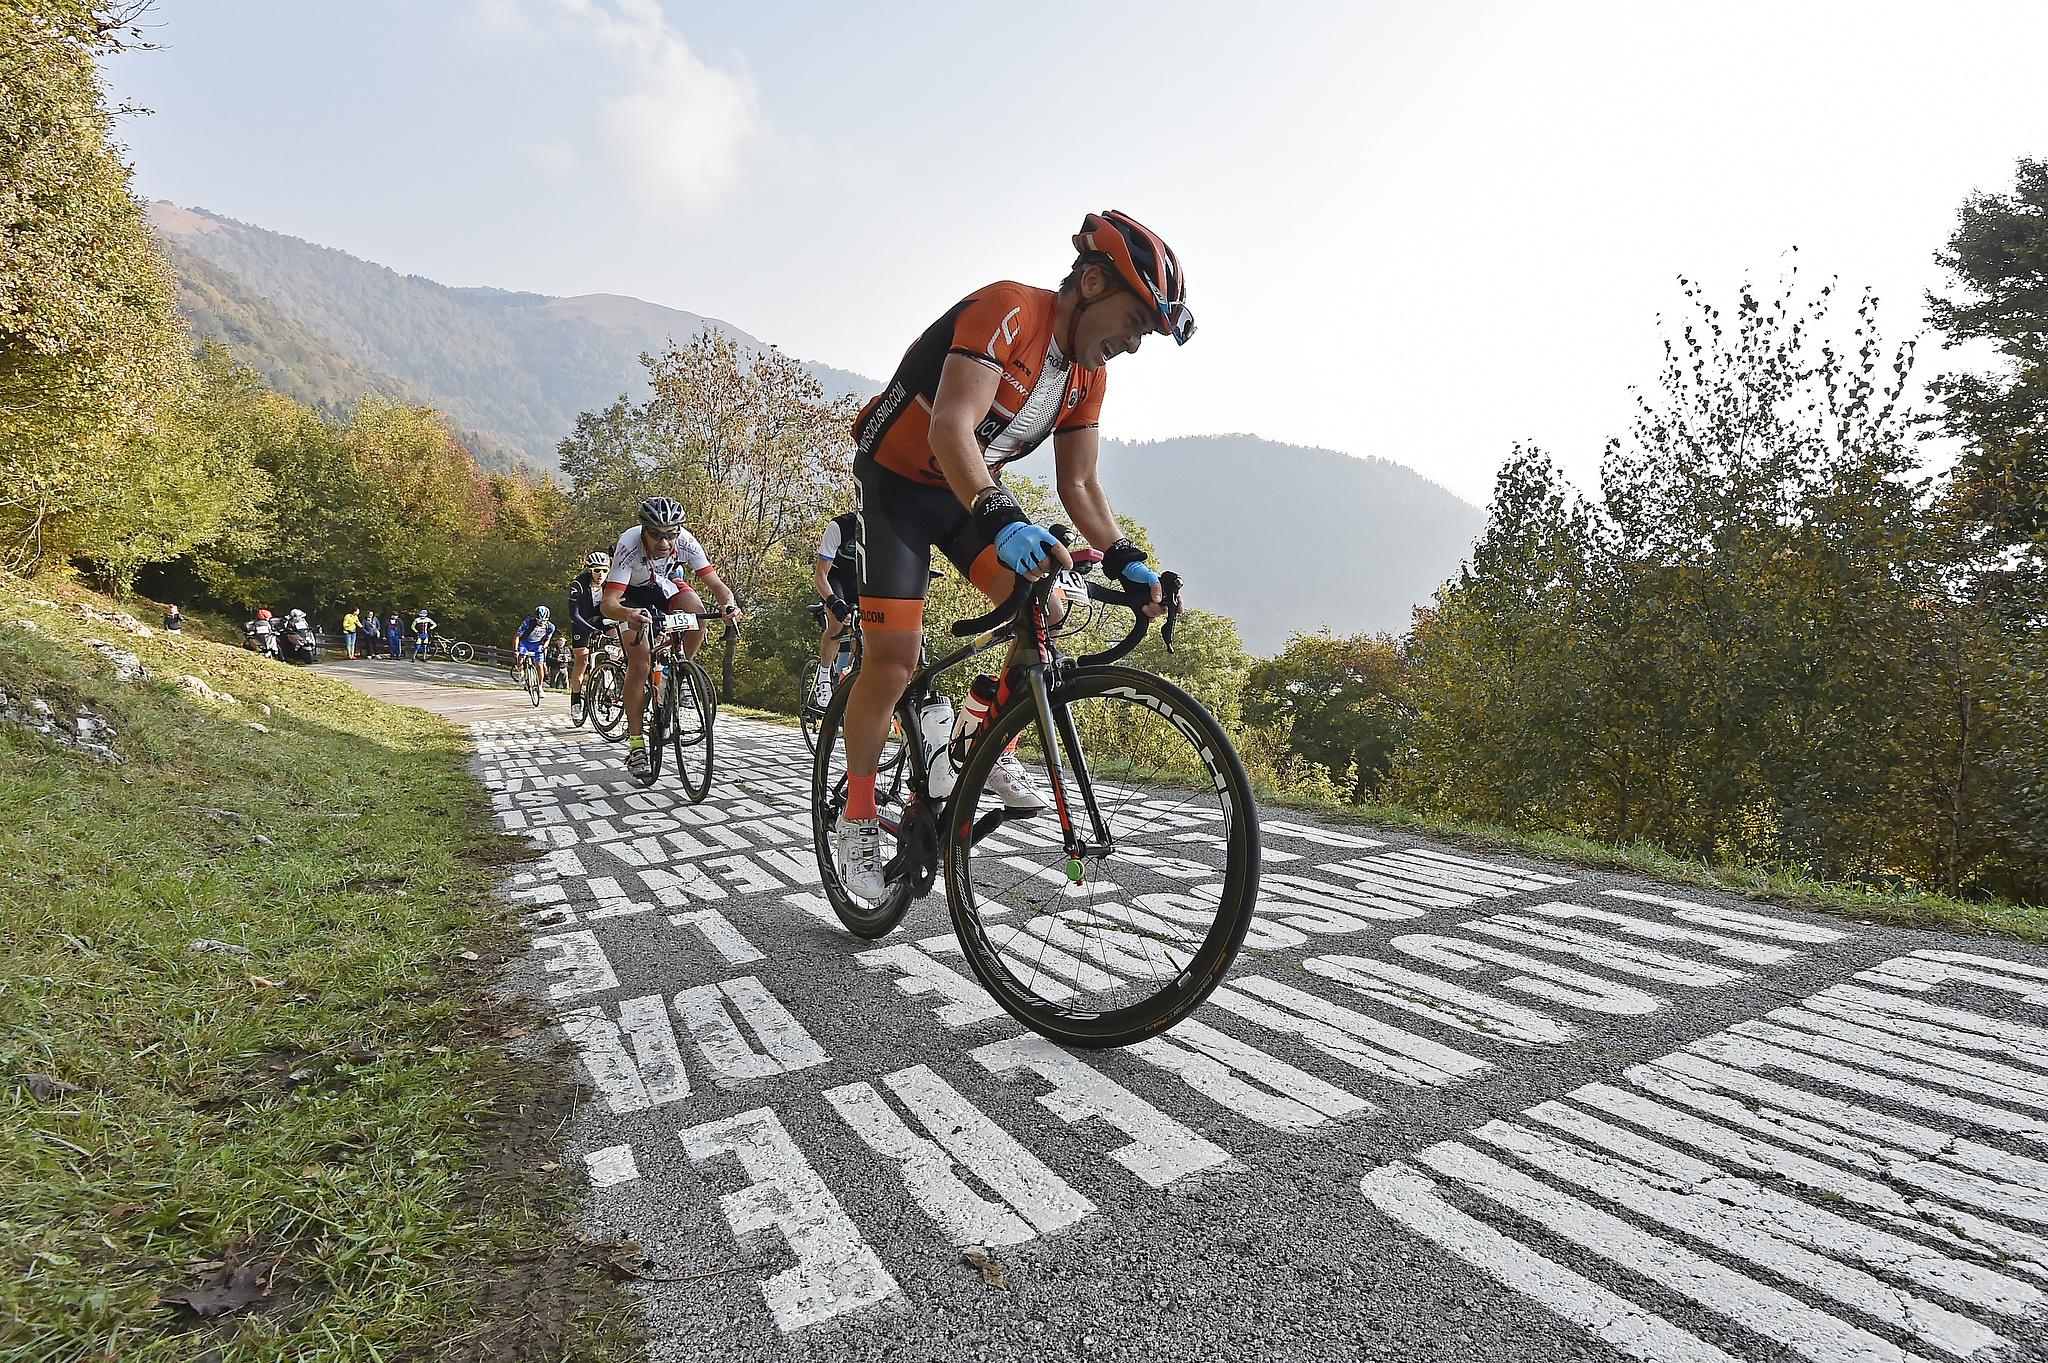 1,500 sportive riders on legendary roads